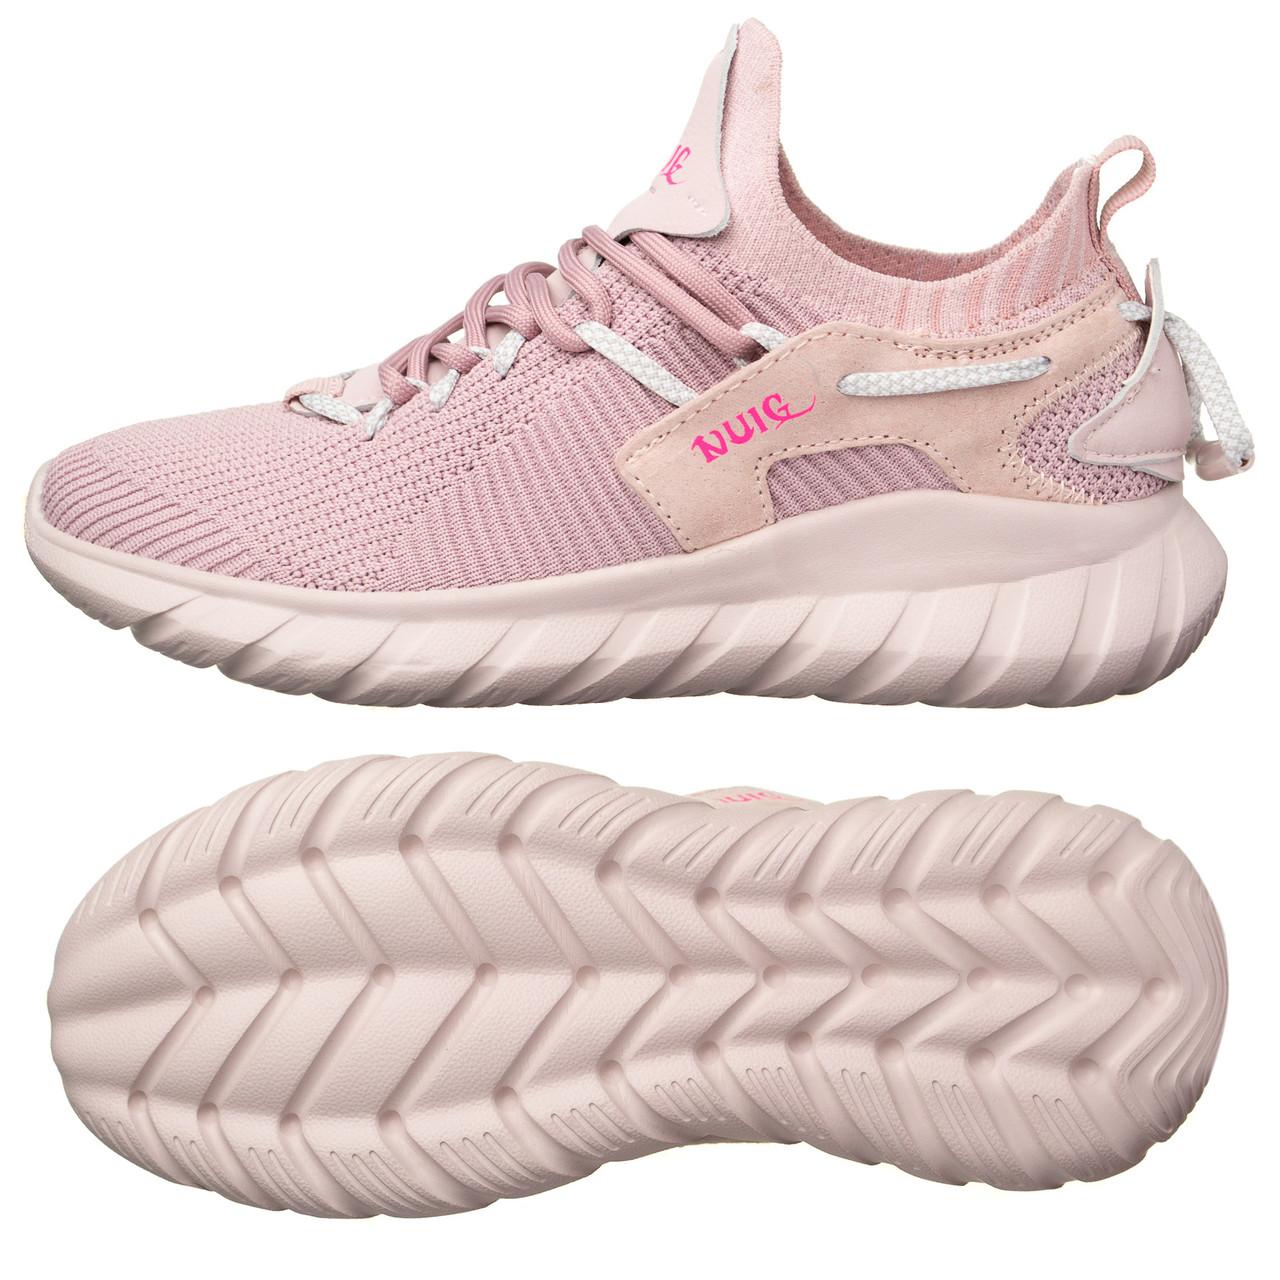 Жіночі кросівки Nugi 41 Plum